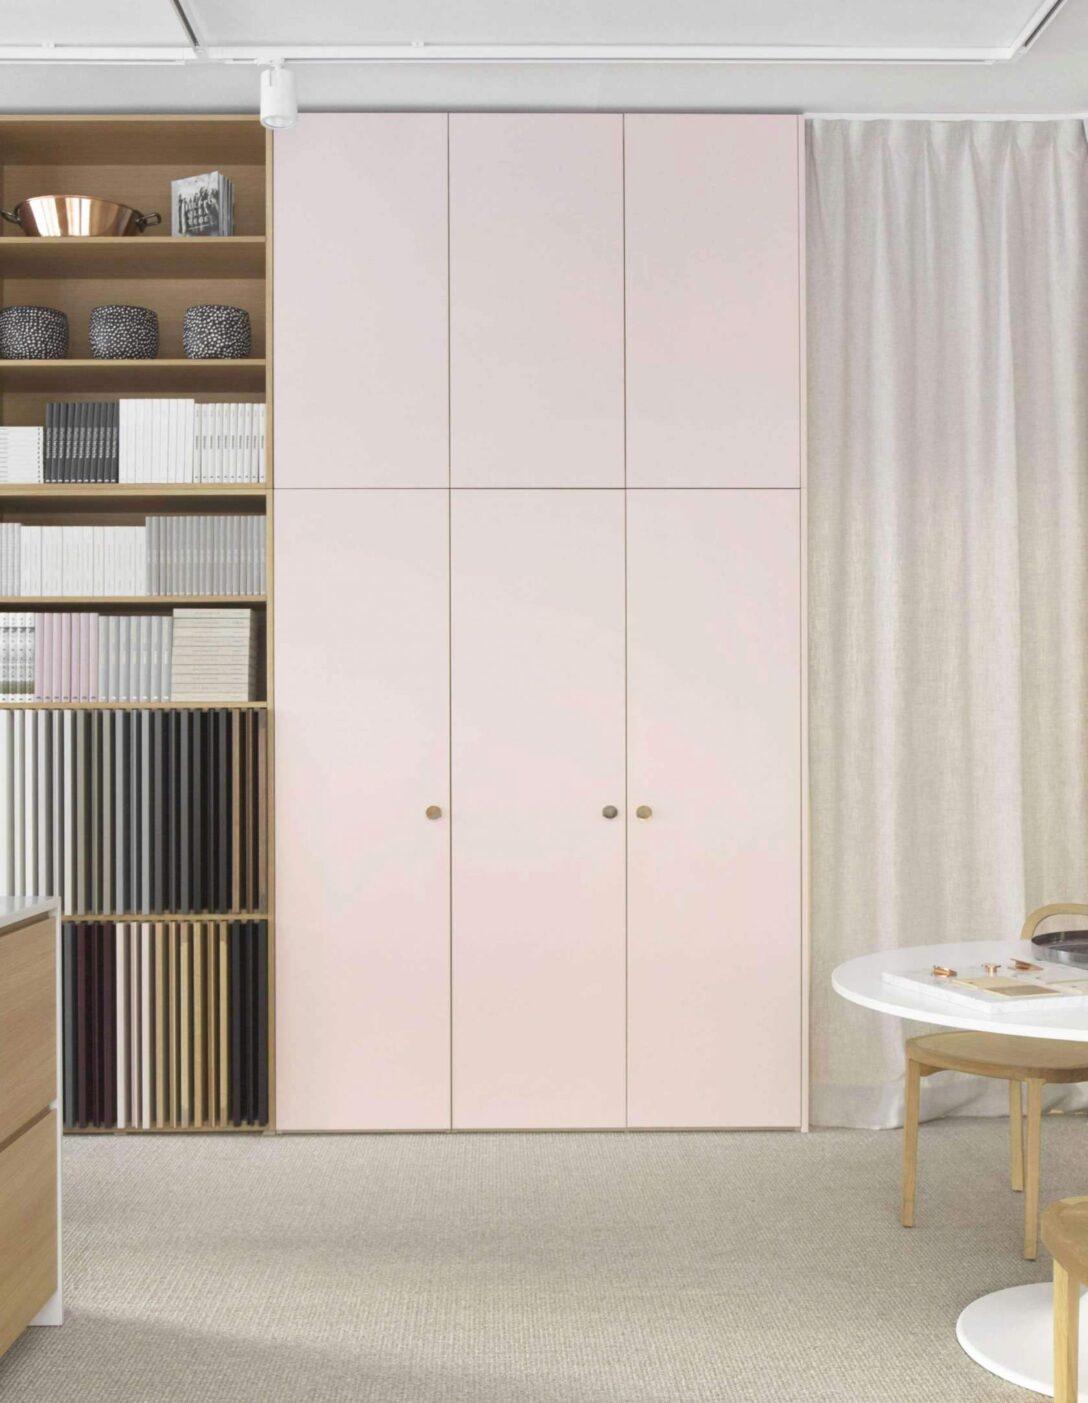 Large Size of Trennwand Ikea Wohnzimmer Ideen Genial Reizend Garten Küche Kosten Betten Bei Sofa Mit Schlaffunktion Glastrennwand Dusche Modulküche Kaufen Miniküche Wohnzimmer Trennwand Ikea